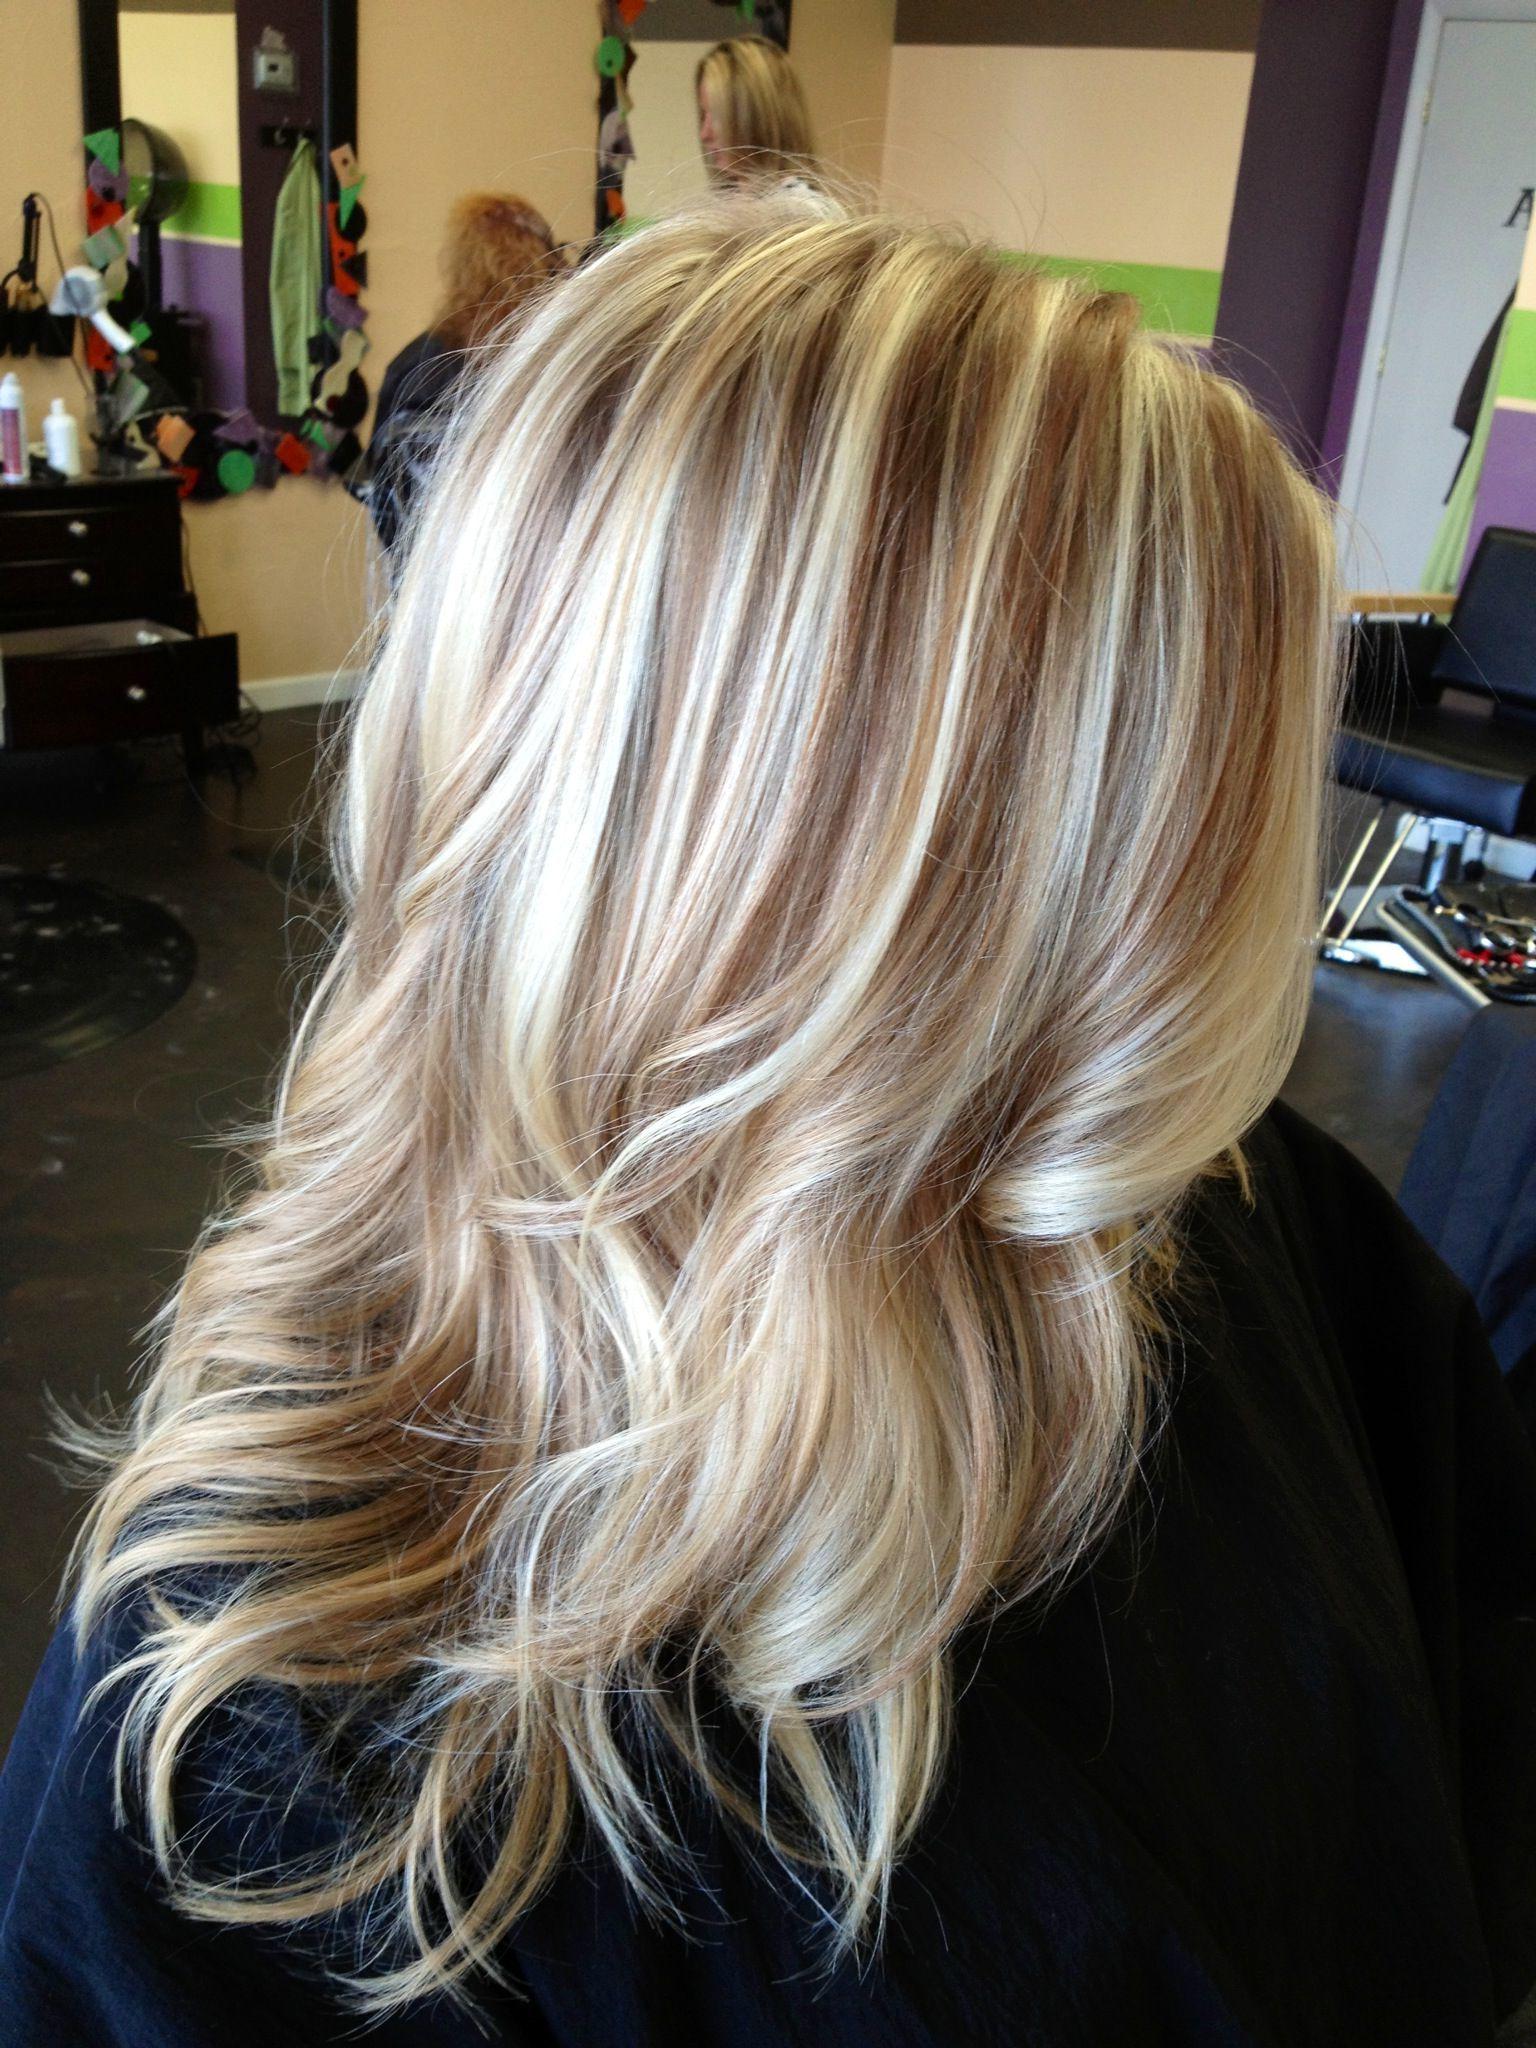 Welche Strähnen passen zu blonden Haaren - blonde Haare mit roten Strähnen